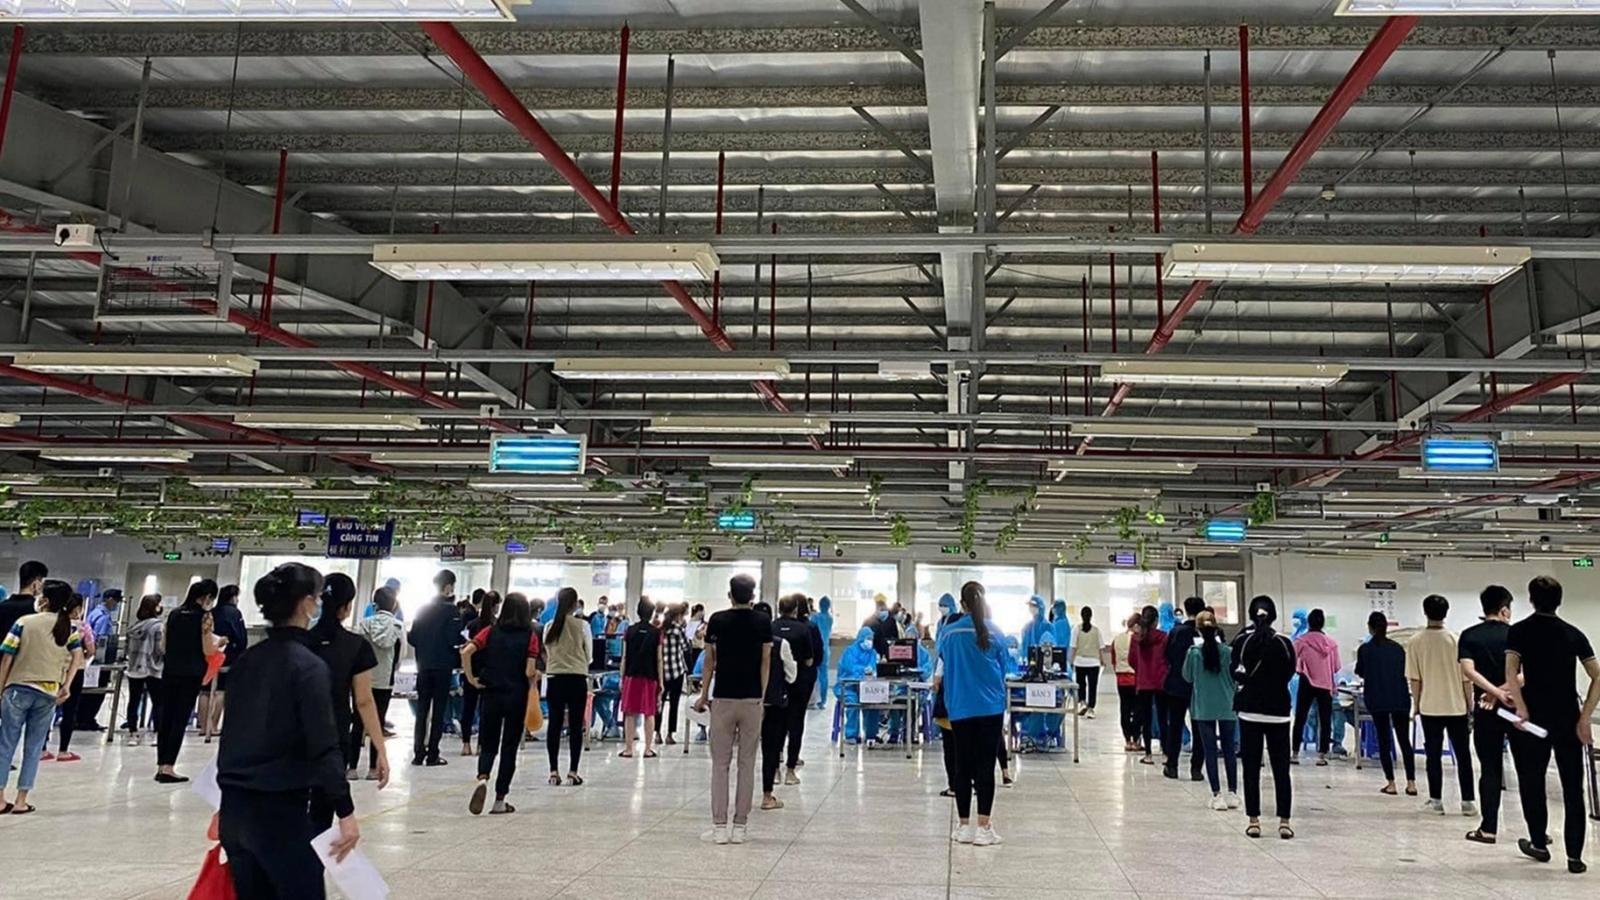 Bắc Giang phát hiện thêm 24 ca dương tính SARS-CoV-2 tại KCN Vân Trung và Quang Châu